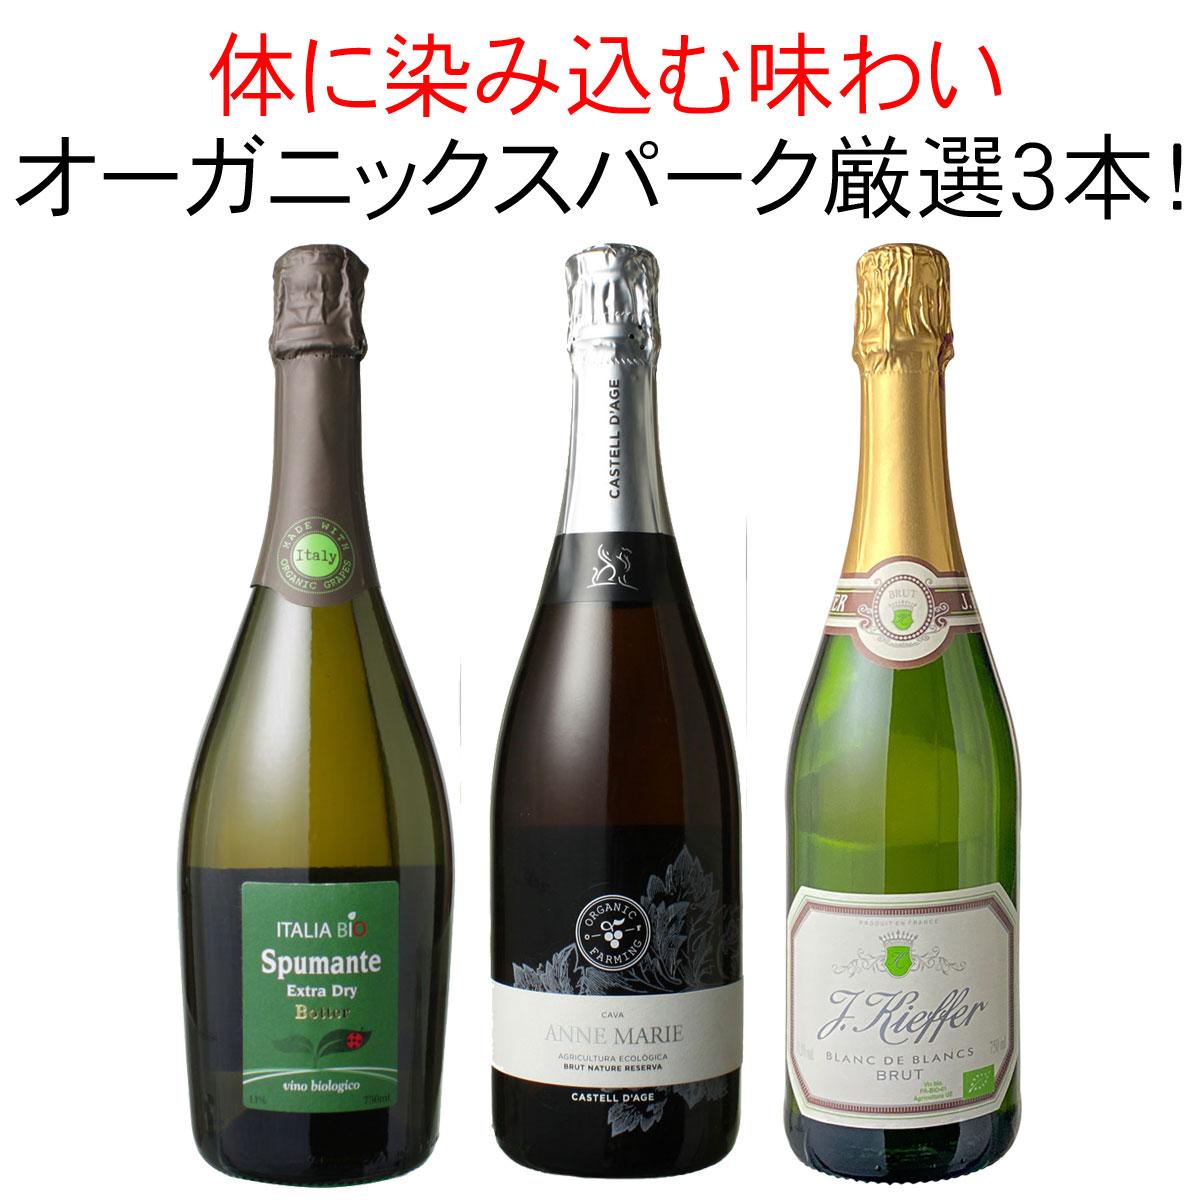 ワインセット オーガニック スパークリング ワイン 3本 セット ユーロリーフ認定入 カヴァ入 家飲み 御祝 誕生日 ハロウィン ギフト プレゼント 爽快な泡が華を添える